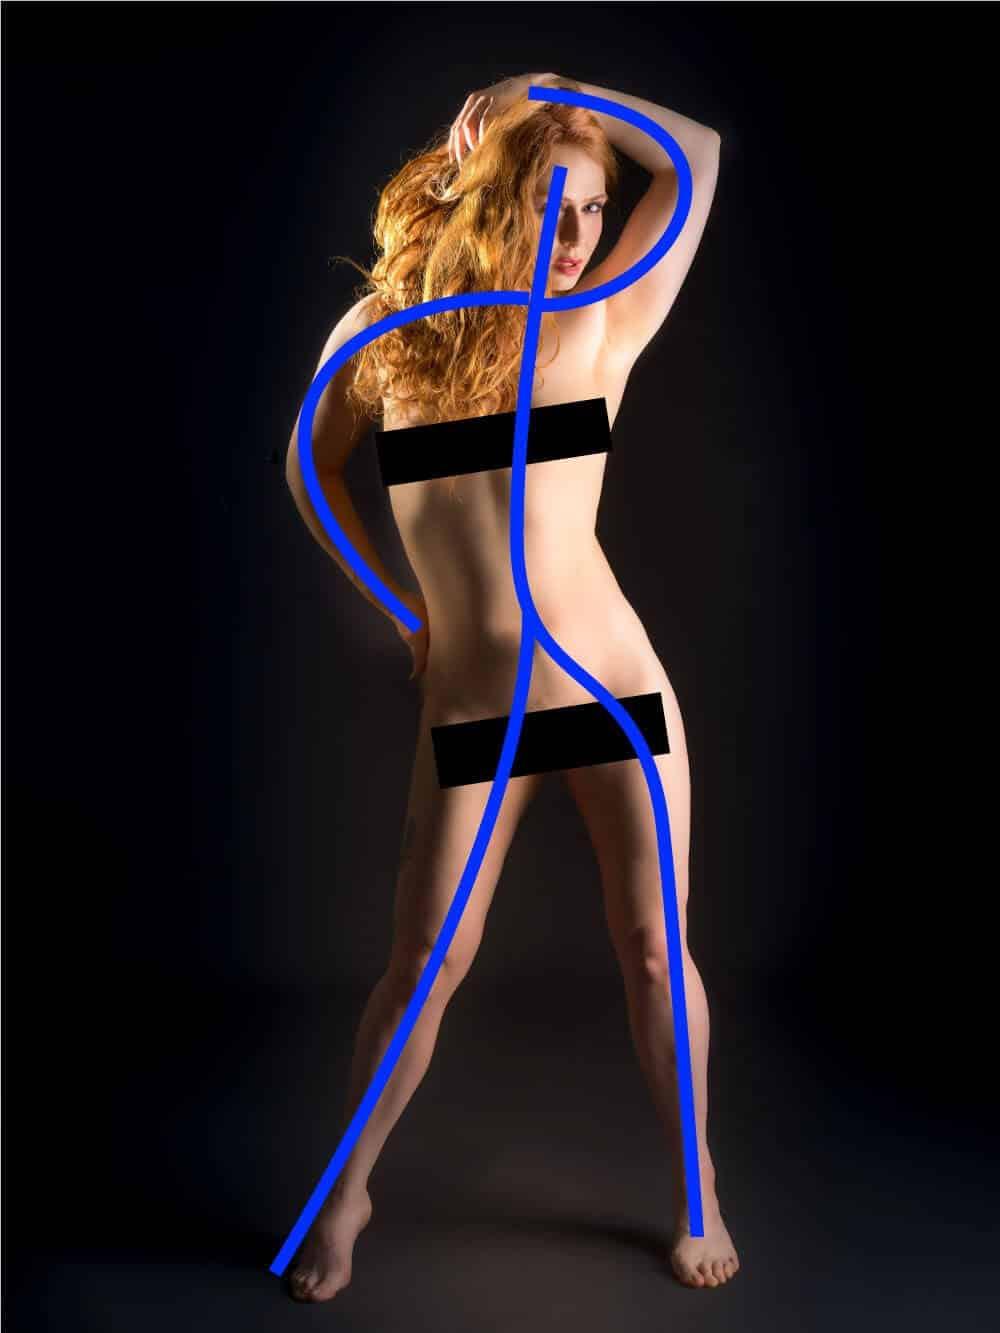 gesture drawing nude model